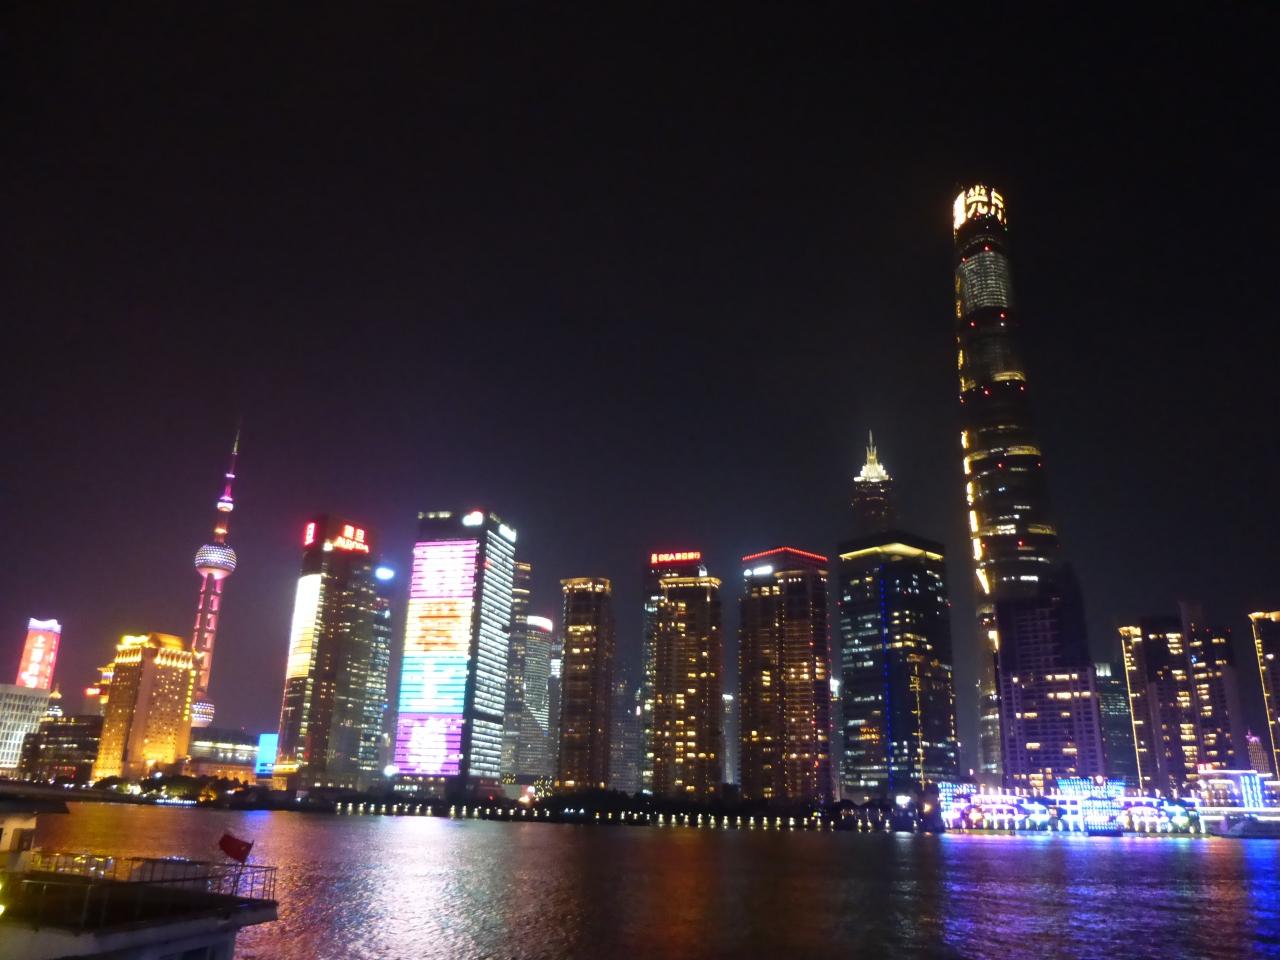 上海ディズニーランド旅行 その1 往路機内・ラウンジ編』上海(中国)の